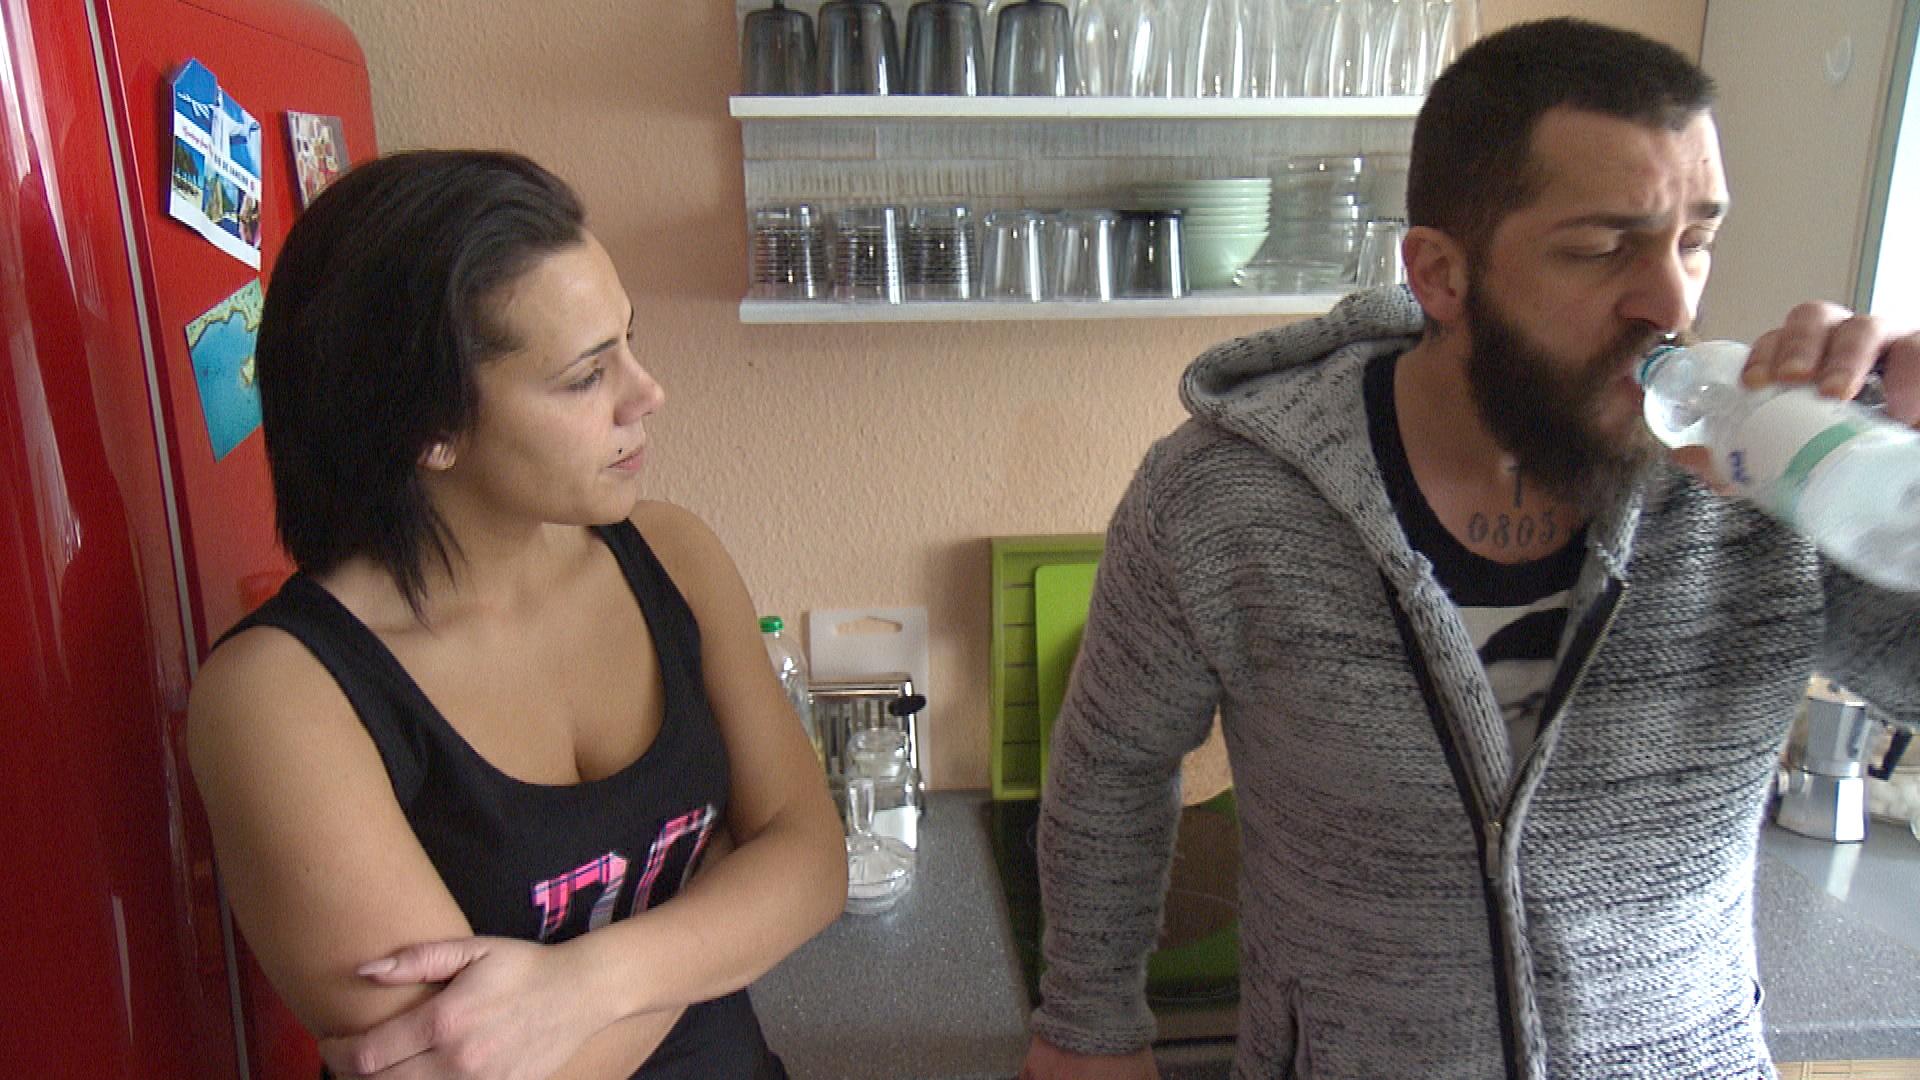 Bruno,re., kehrt überraschend aus Italien zurück und trifft daheim auf eine enttäuschte Sophia,li. (Quelle: RTL 2)